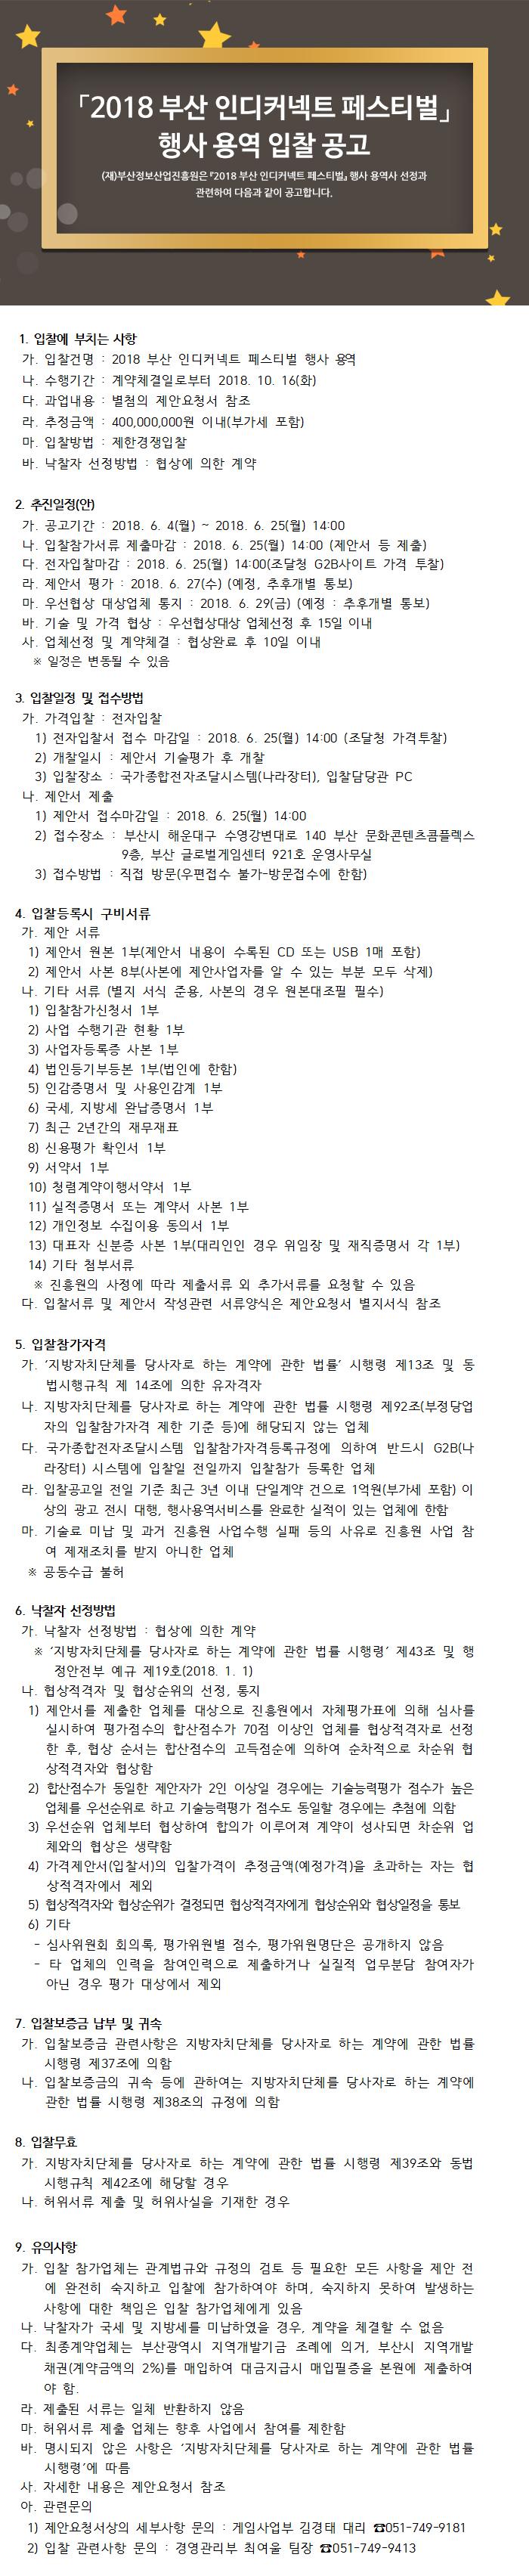 2018 부산 인디커넥트 페스티벌 행사 용역 입찰 공고